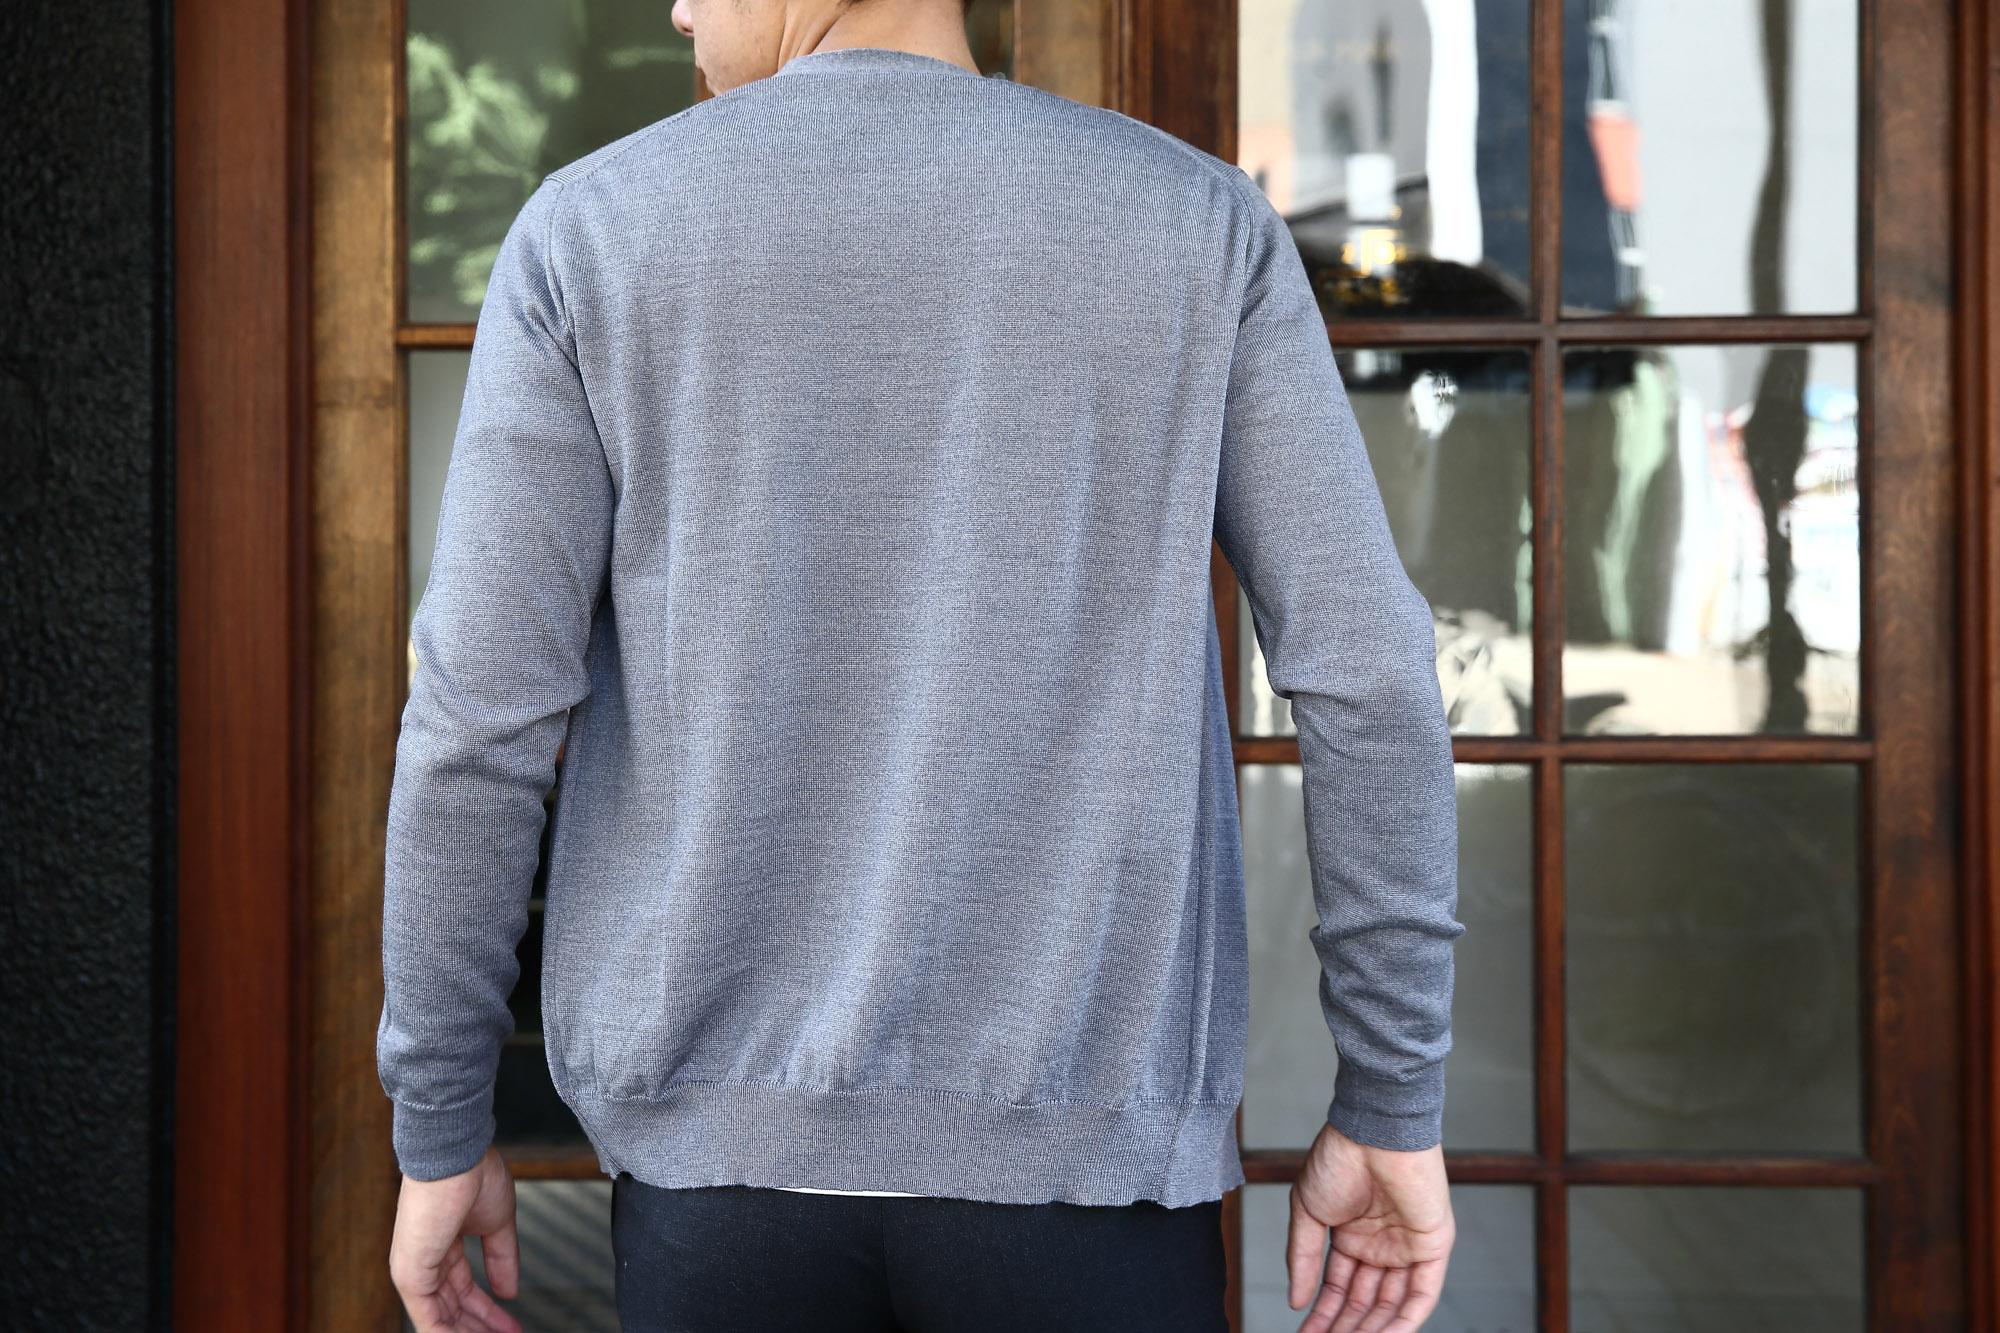 ZANONE(ザノーネ) CARDIGAN Sweaters V-Neck 811823 z0210 VIRGIN WOOL 100% ハイゲージニット ウールニット カーディガン GREY(グレー・Z3093) のコーディネート画像。2016年秋冬 新作 名古屋 愛知 Alto e Diritto 入荷しました。